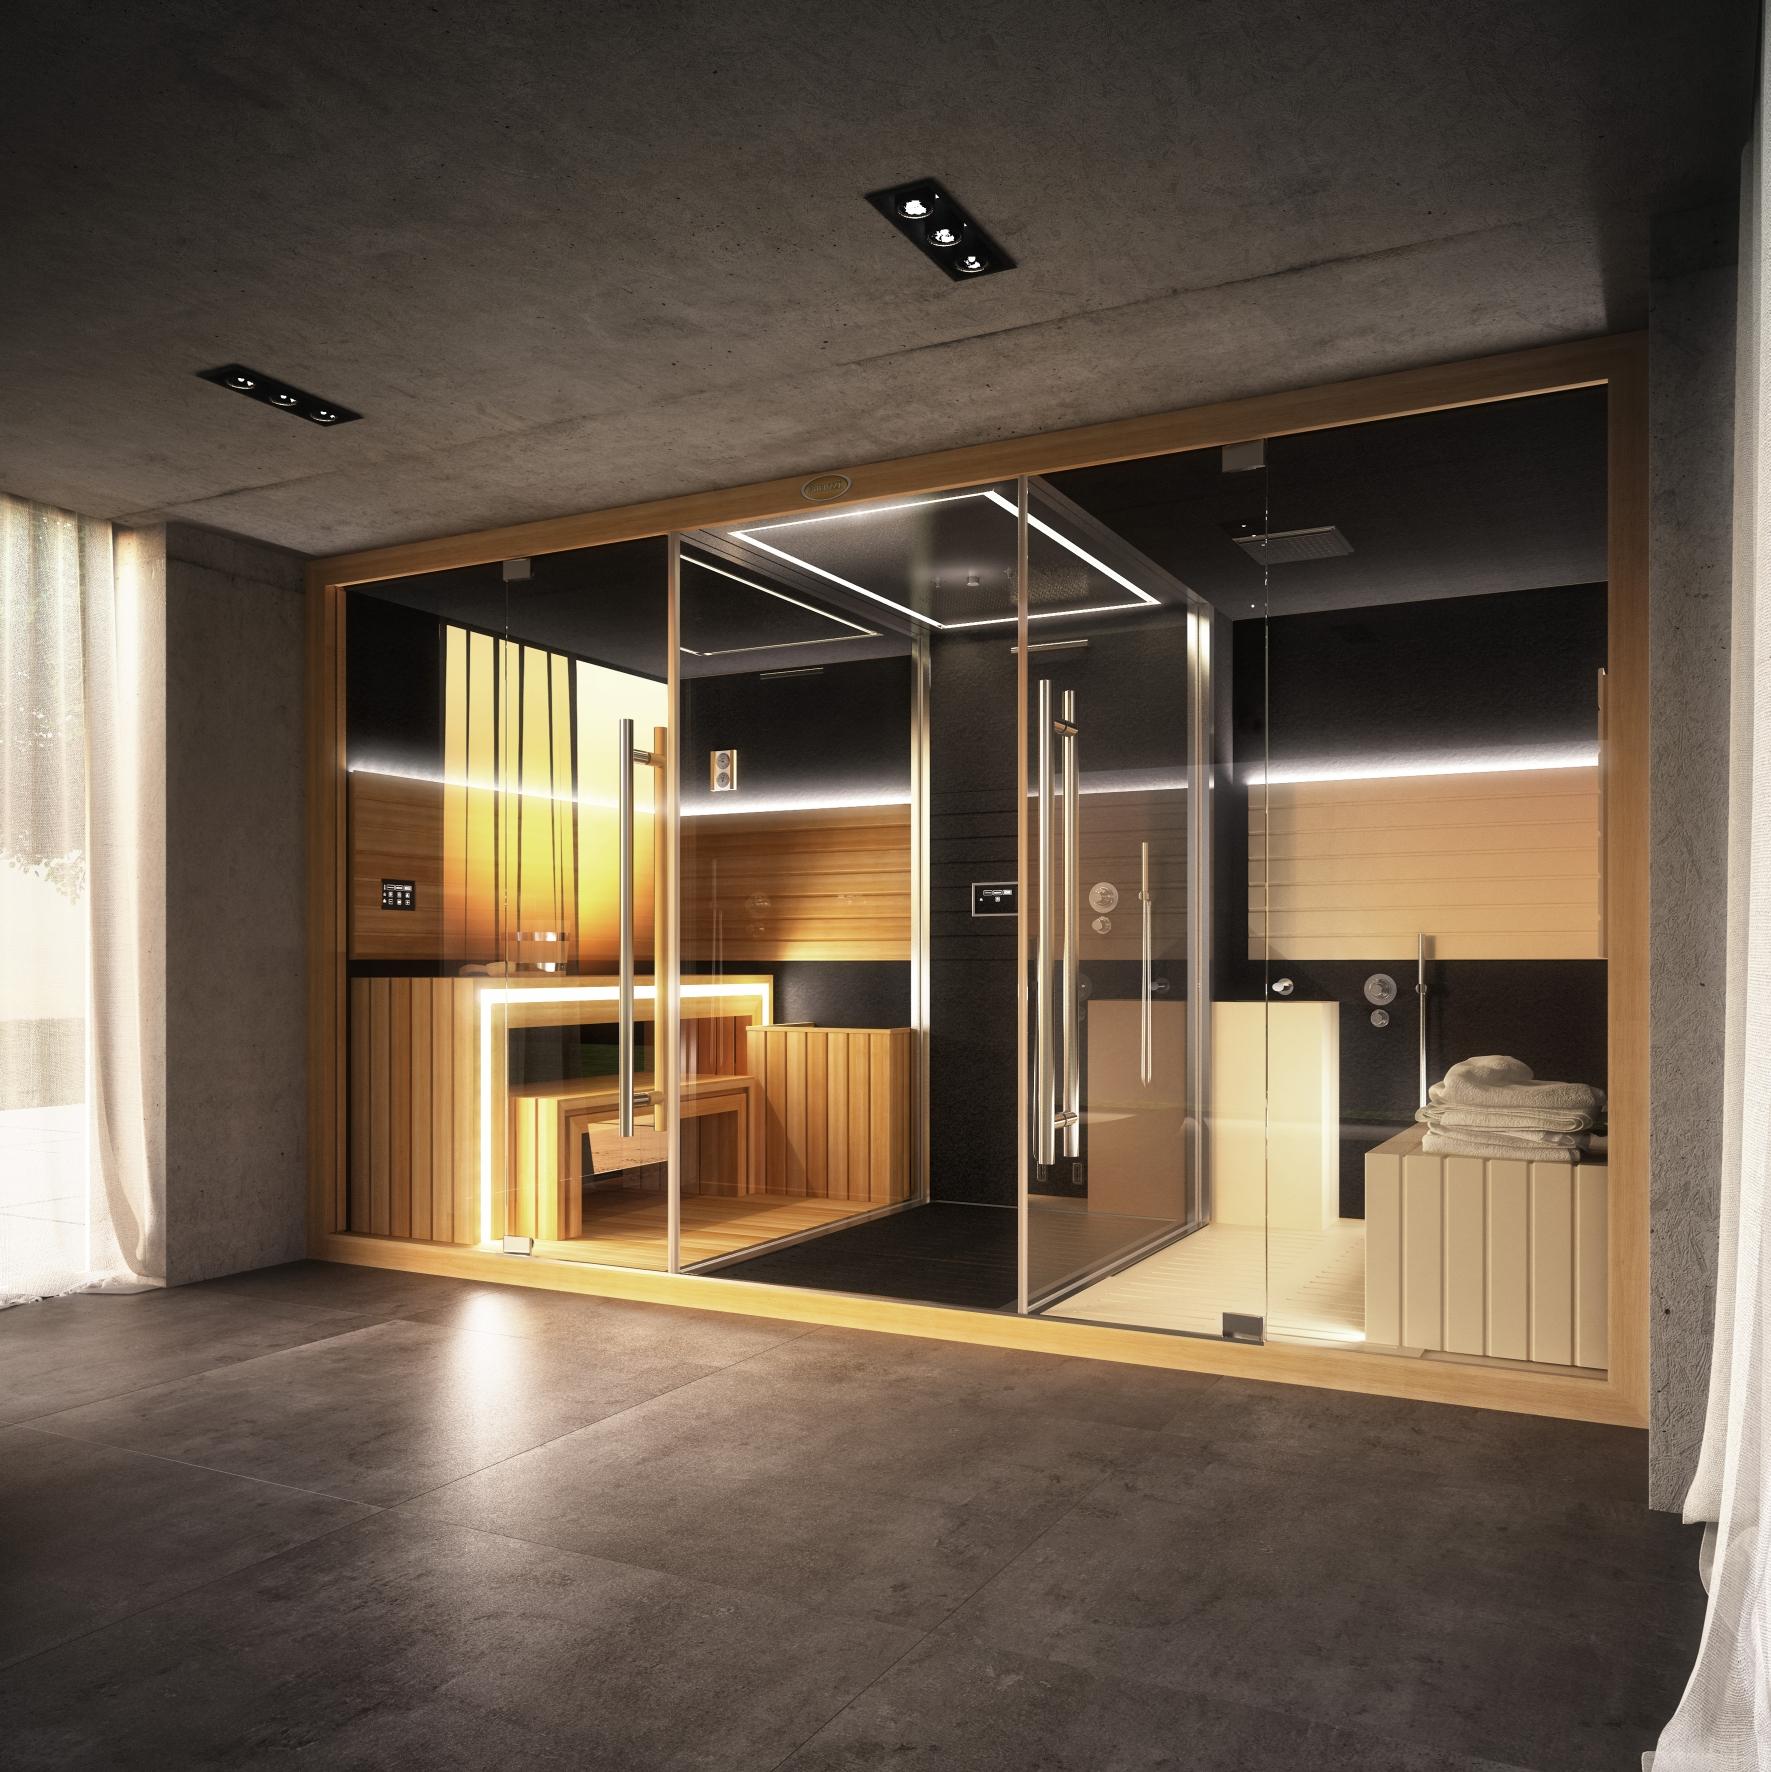 Cabina Sauna Multifunzione Sasha Sport Industry Directory - Cabina-sauna